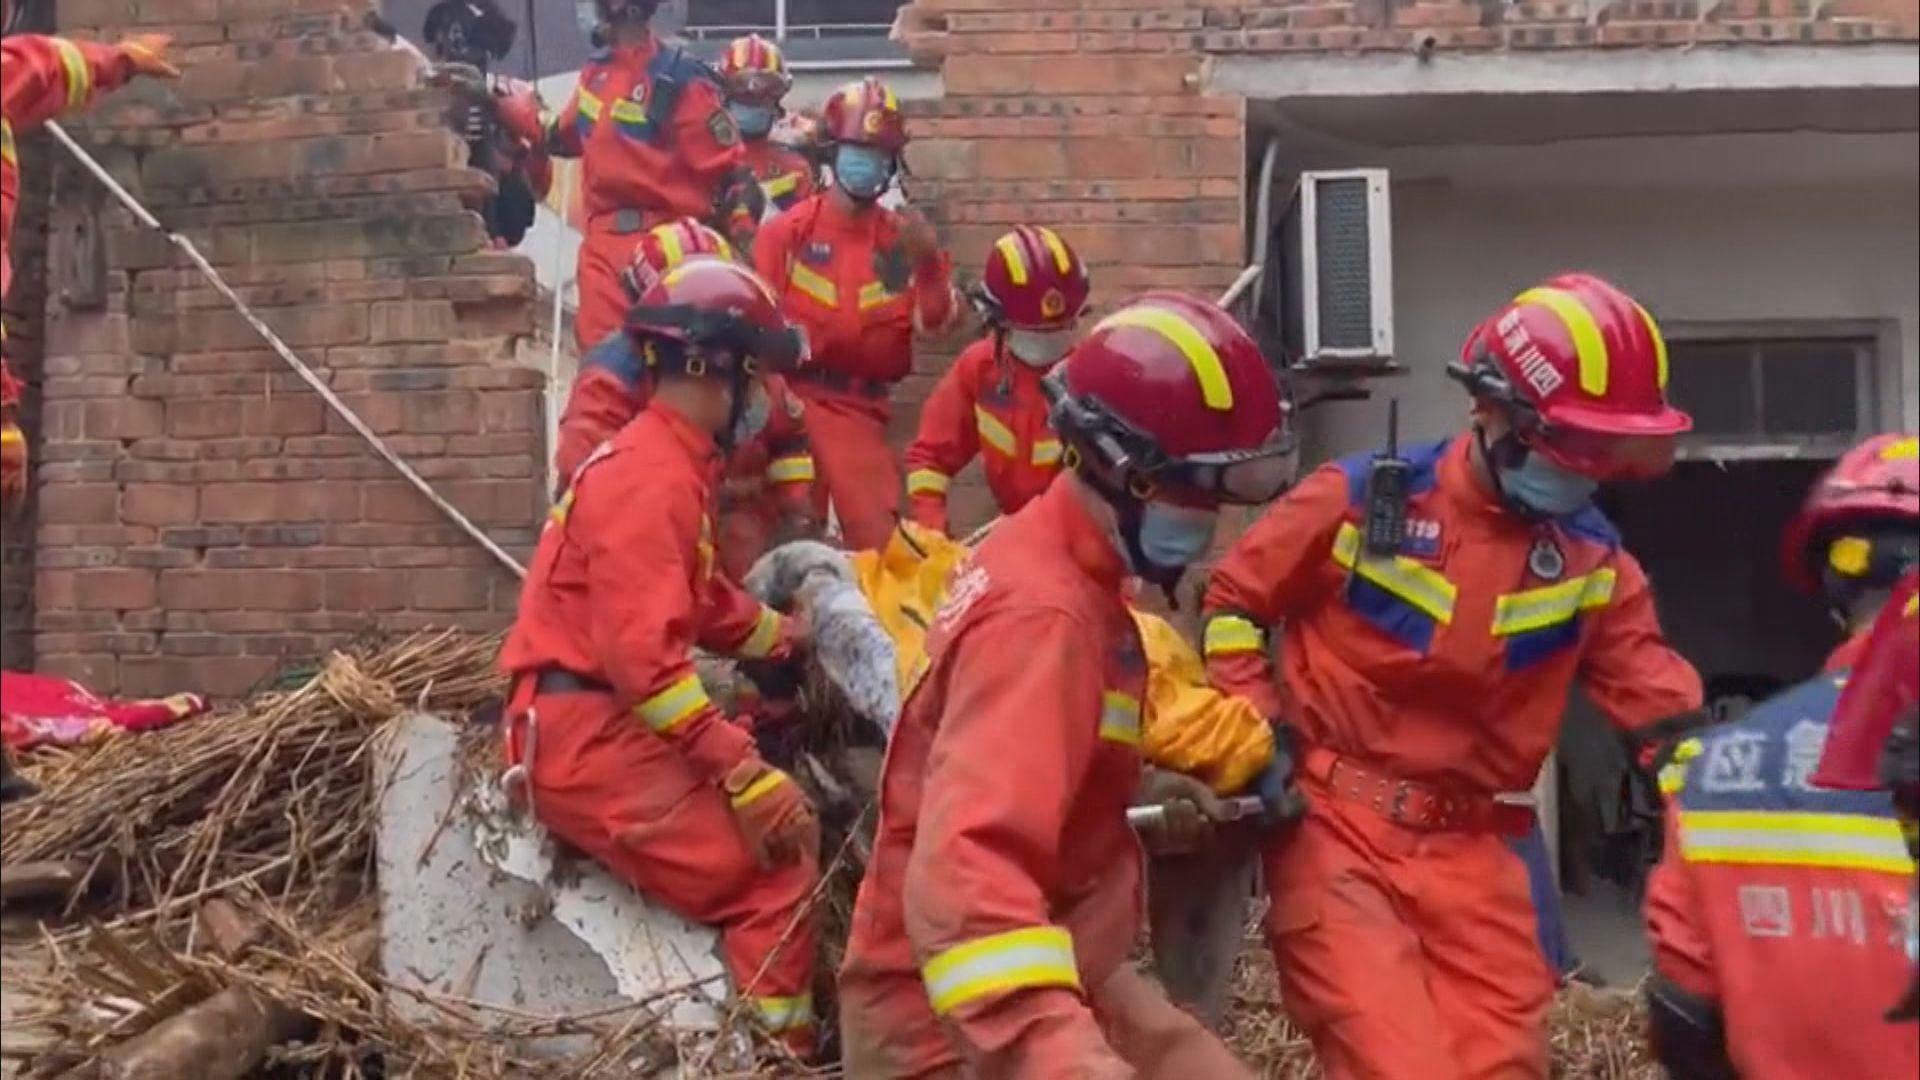 四川瀘縣6級地震增至三死 中央啟動地震應急三級響應協調救災